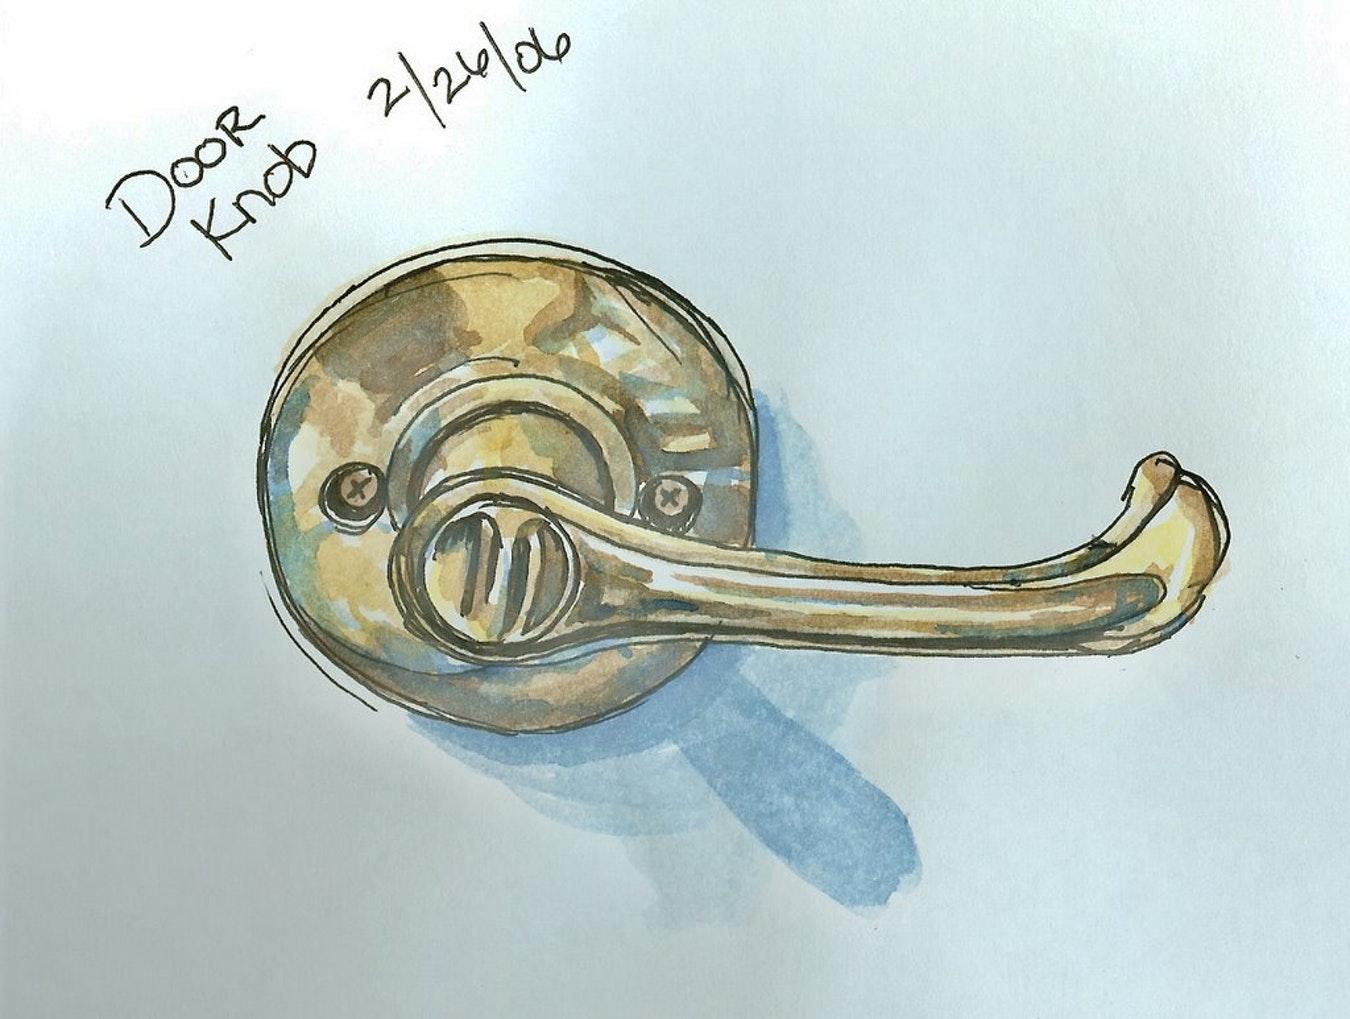 1350x1019 Drawing Door Knob Doorknob Pretty Depiction Edm 55 Draw 6